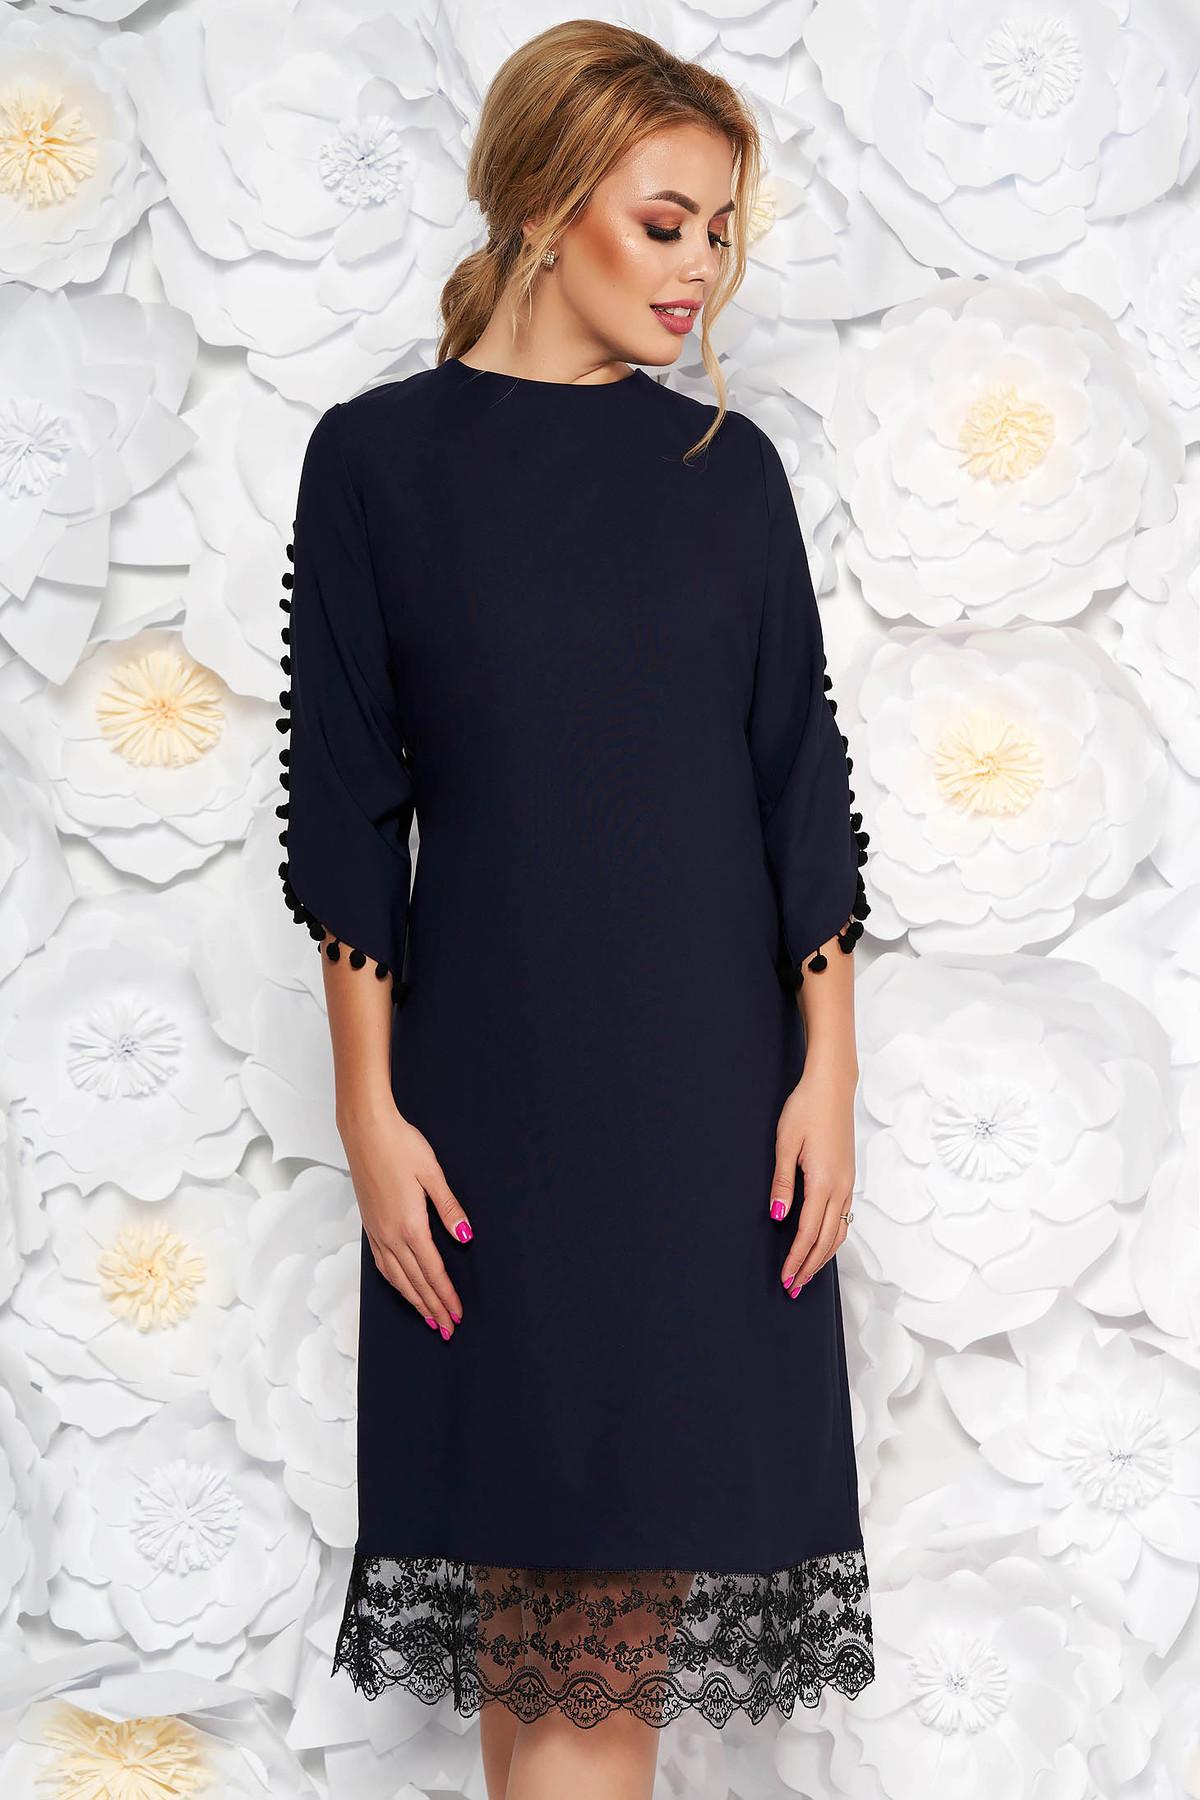 Rochie albastra-inchis eleganta cu un croi drept din material usor elastic cu aplicatii de dantela cu ciucuri